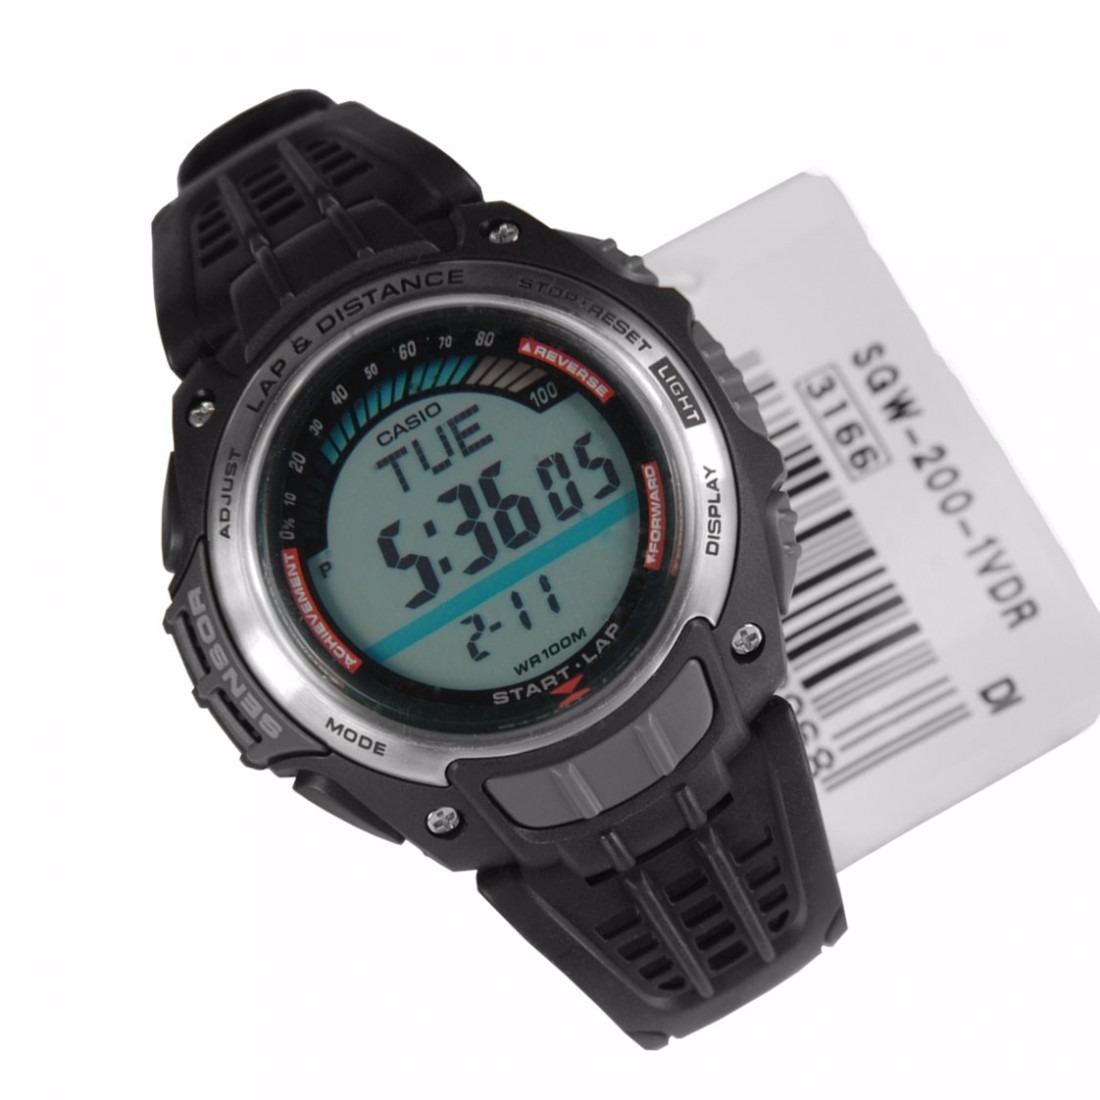 81fd6a04f5c relogio casio sgw 200 crono timer 5alarm run lap aceleração. Carregando  zoom.